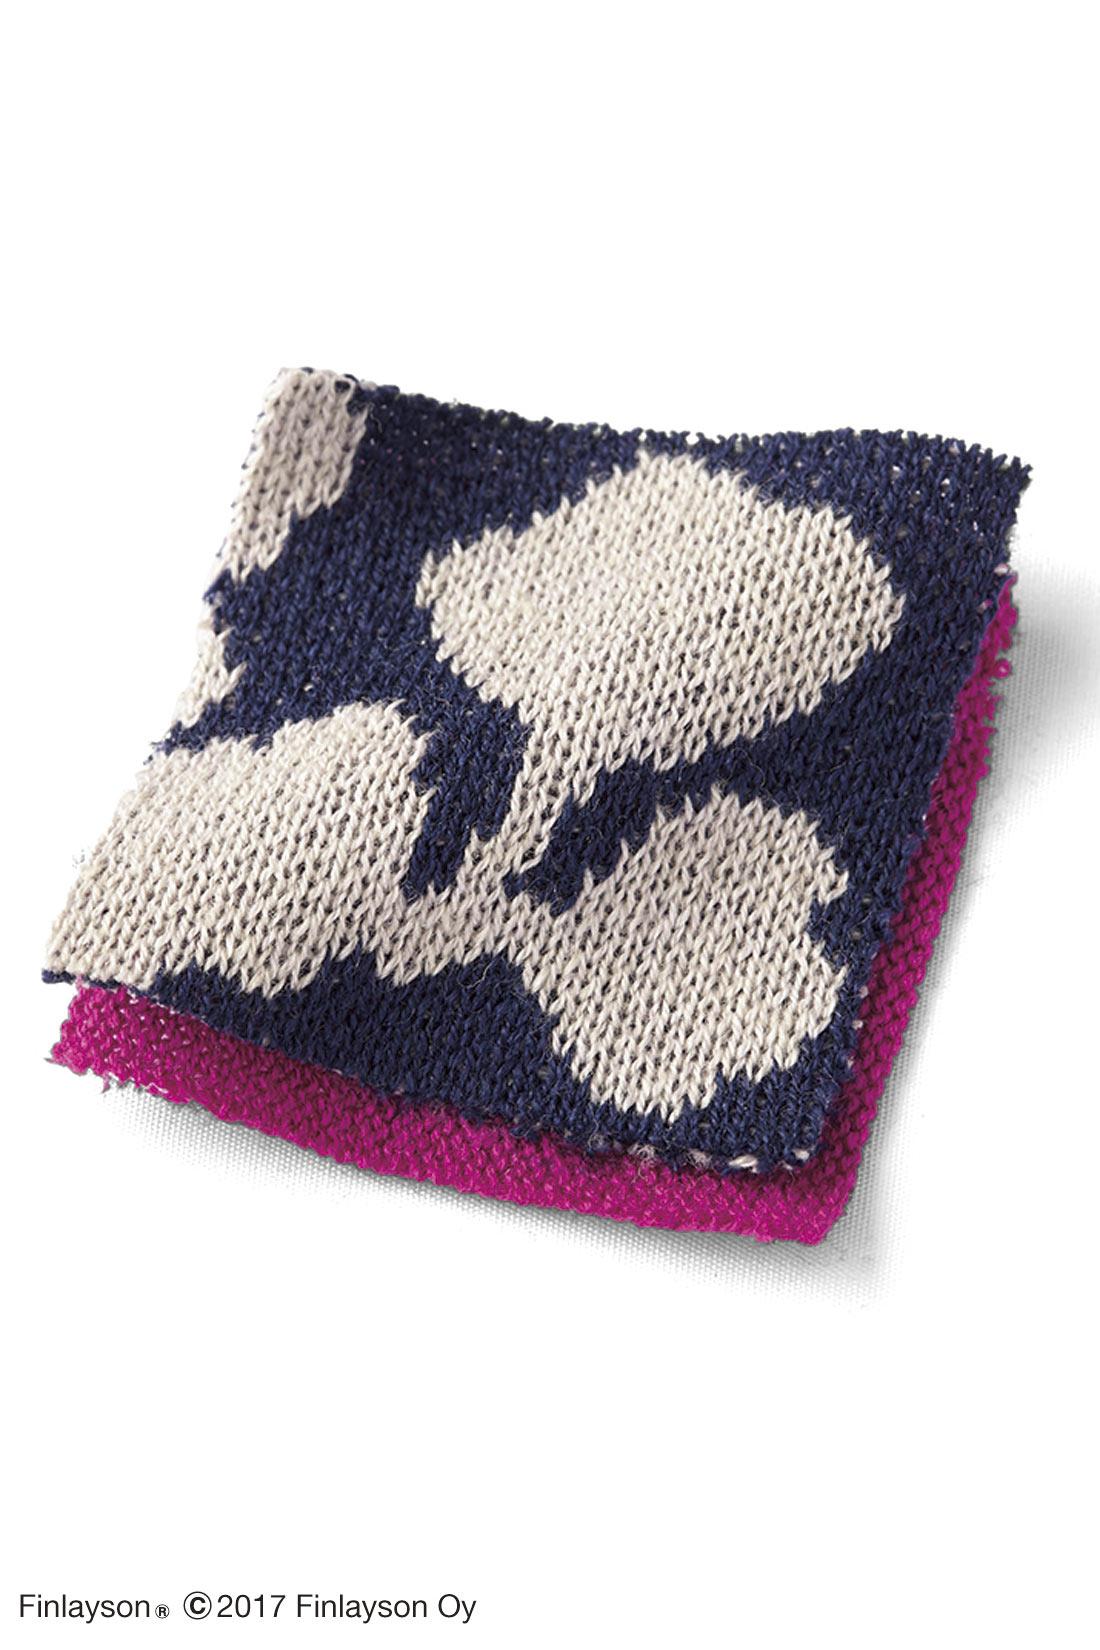 やわらかな綿混素材で、柄の美しさが引き立つジャカード編み。